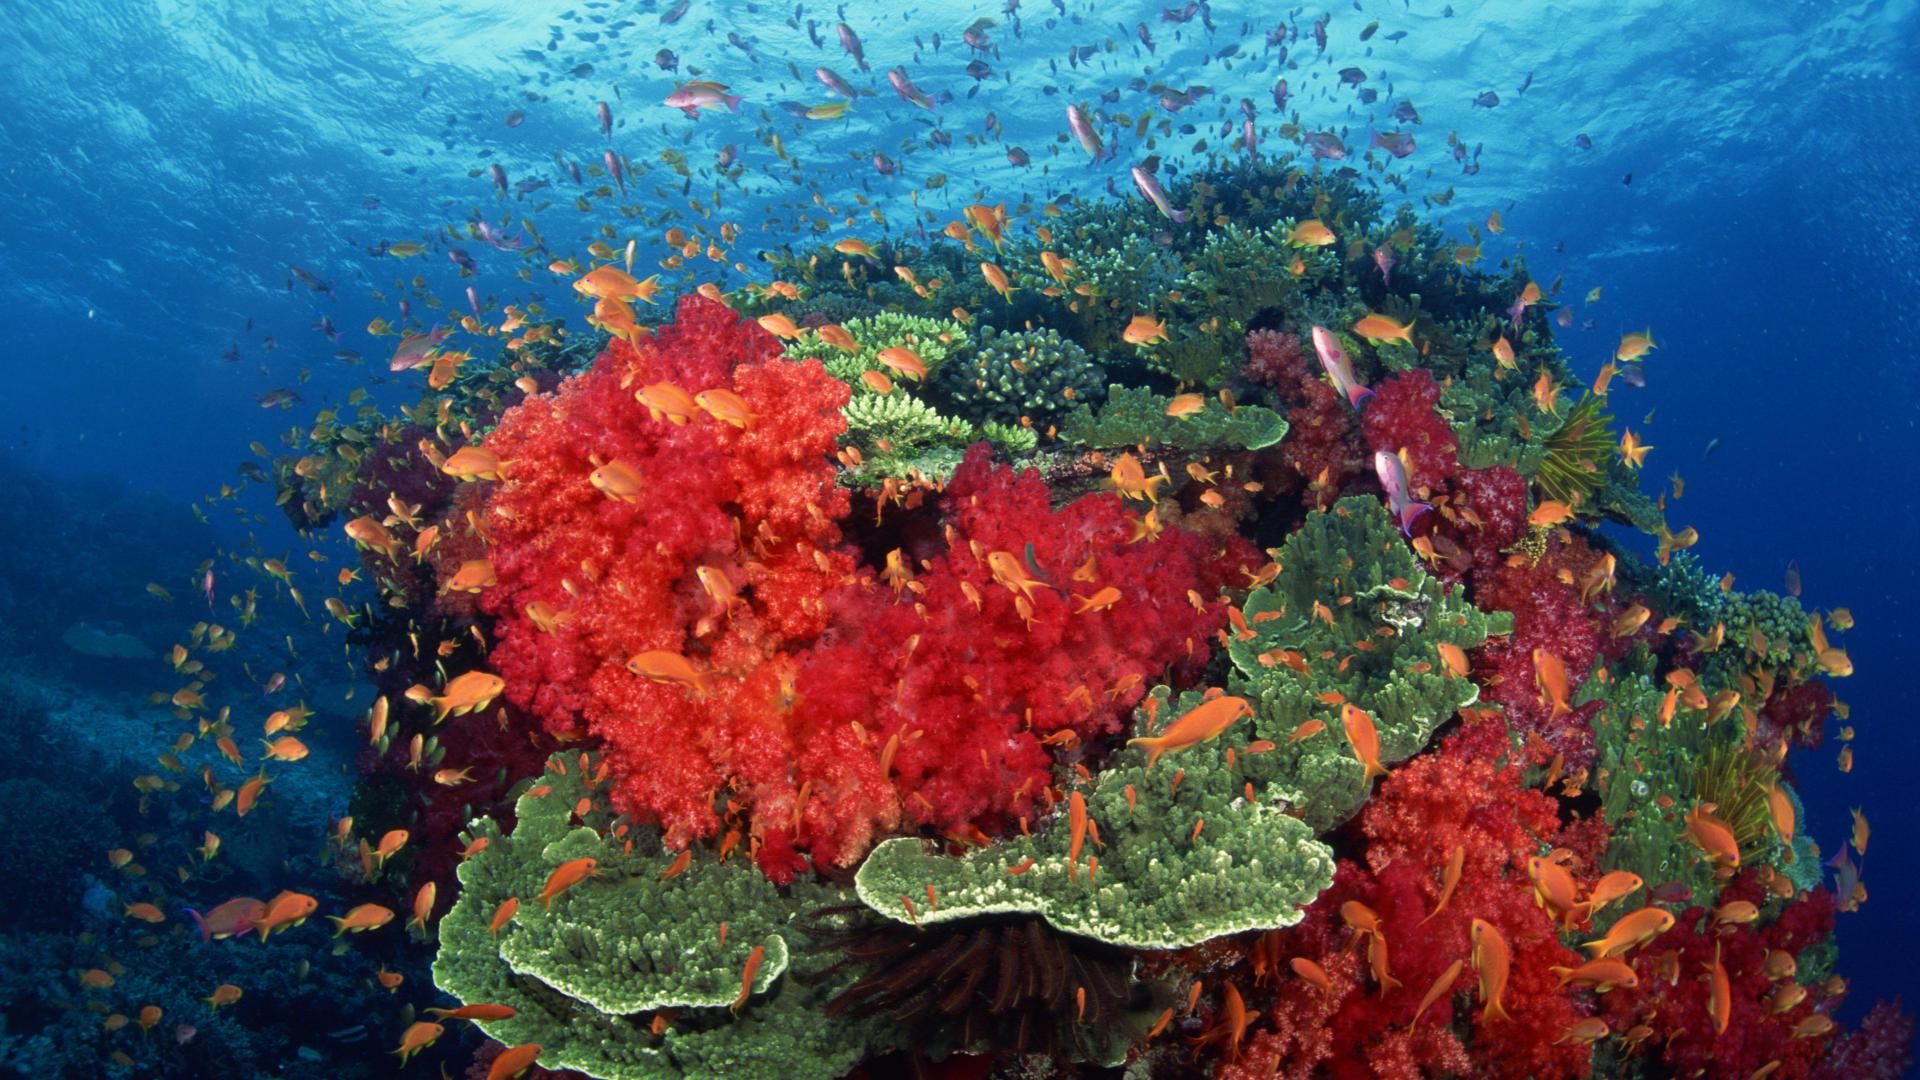 бесплатных объявлений растения атлантического океана фото и названия как сугубо мужскую